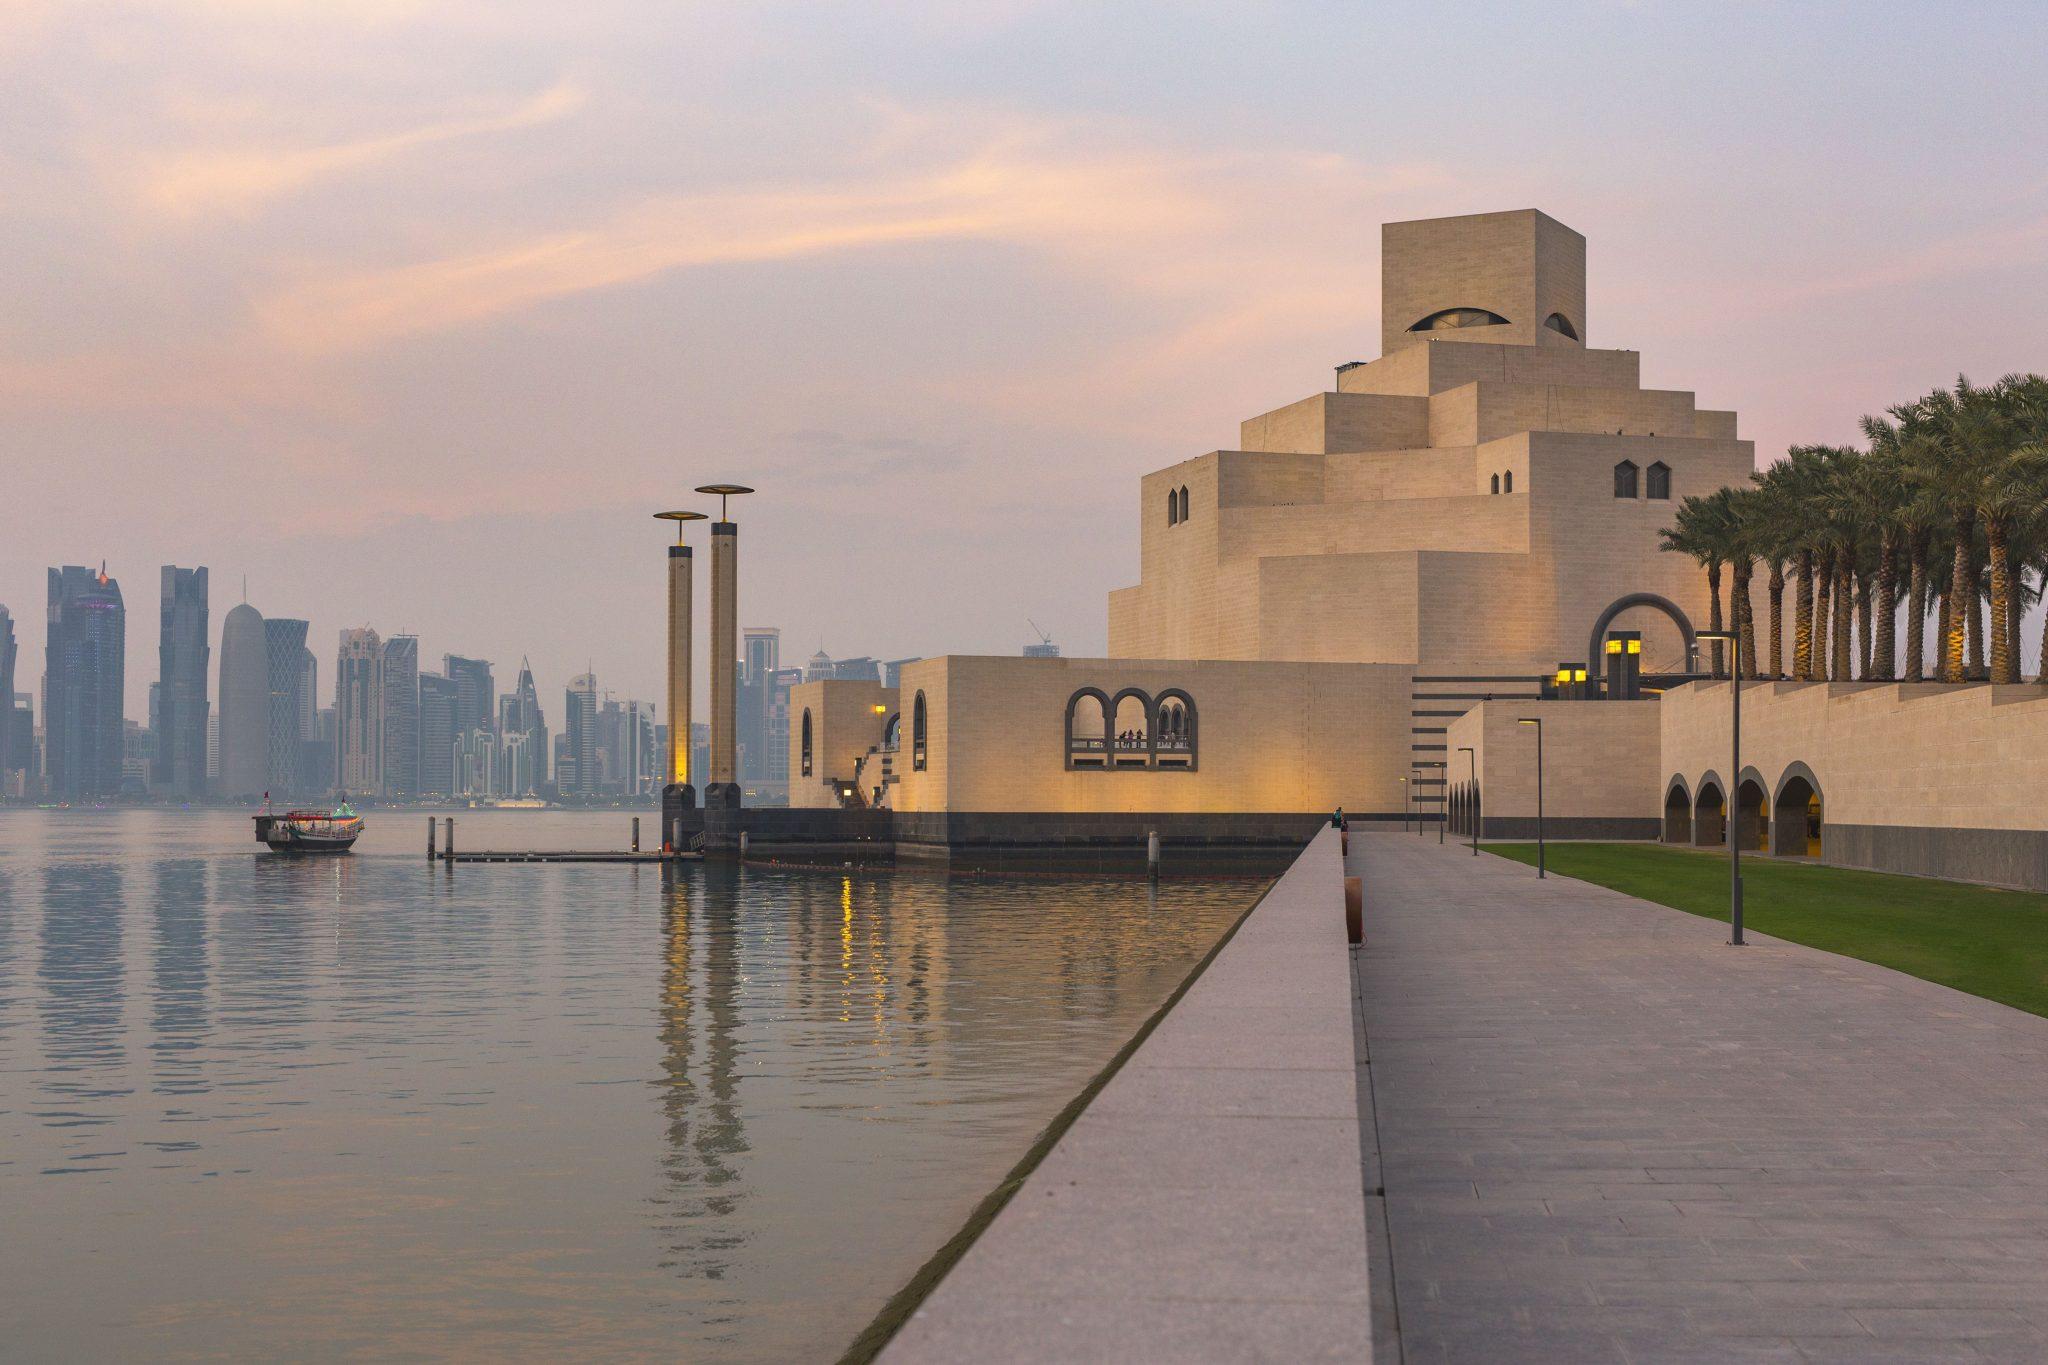 تفکرآی ام پی برای طراحی موزه هنر اسلامی استوارسازان